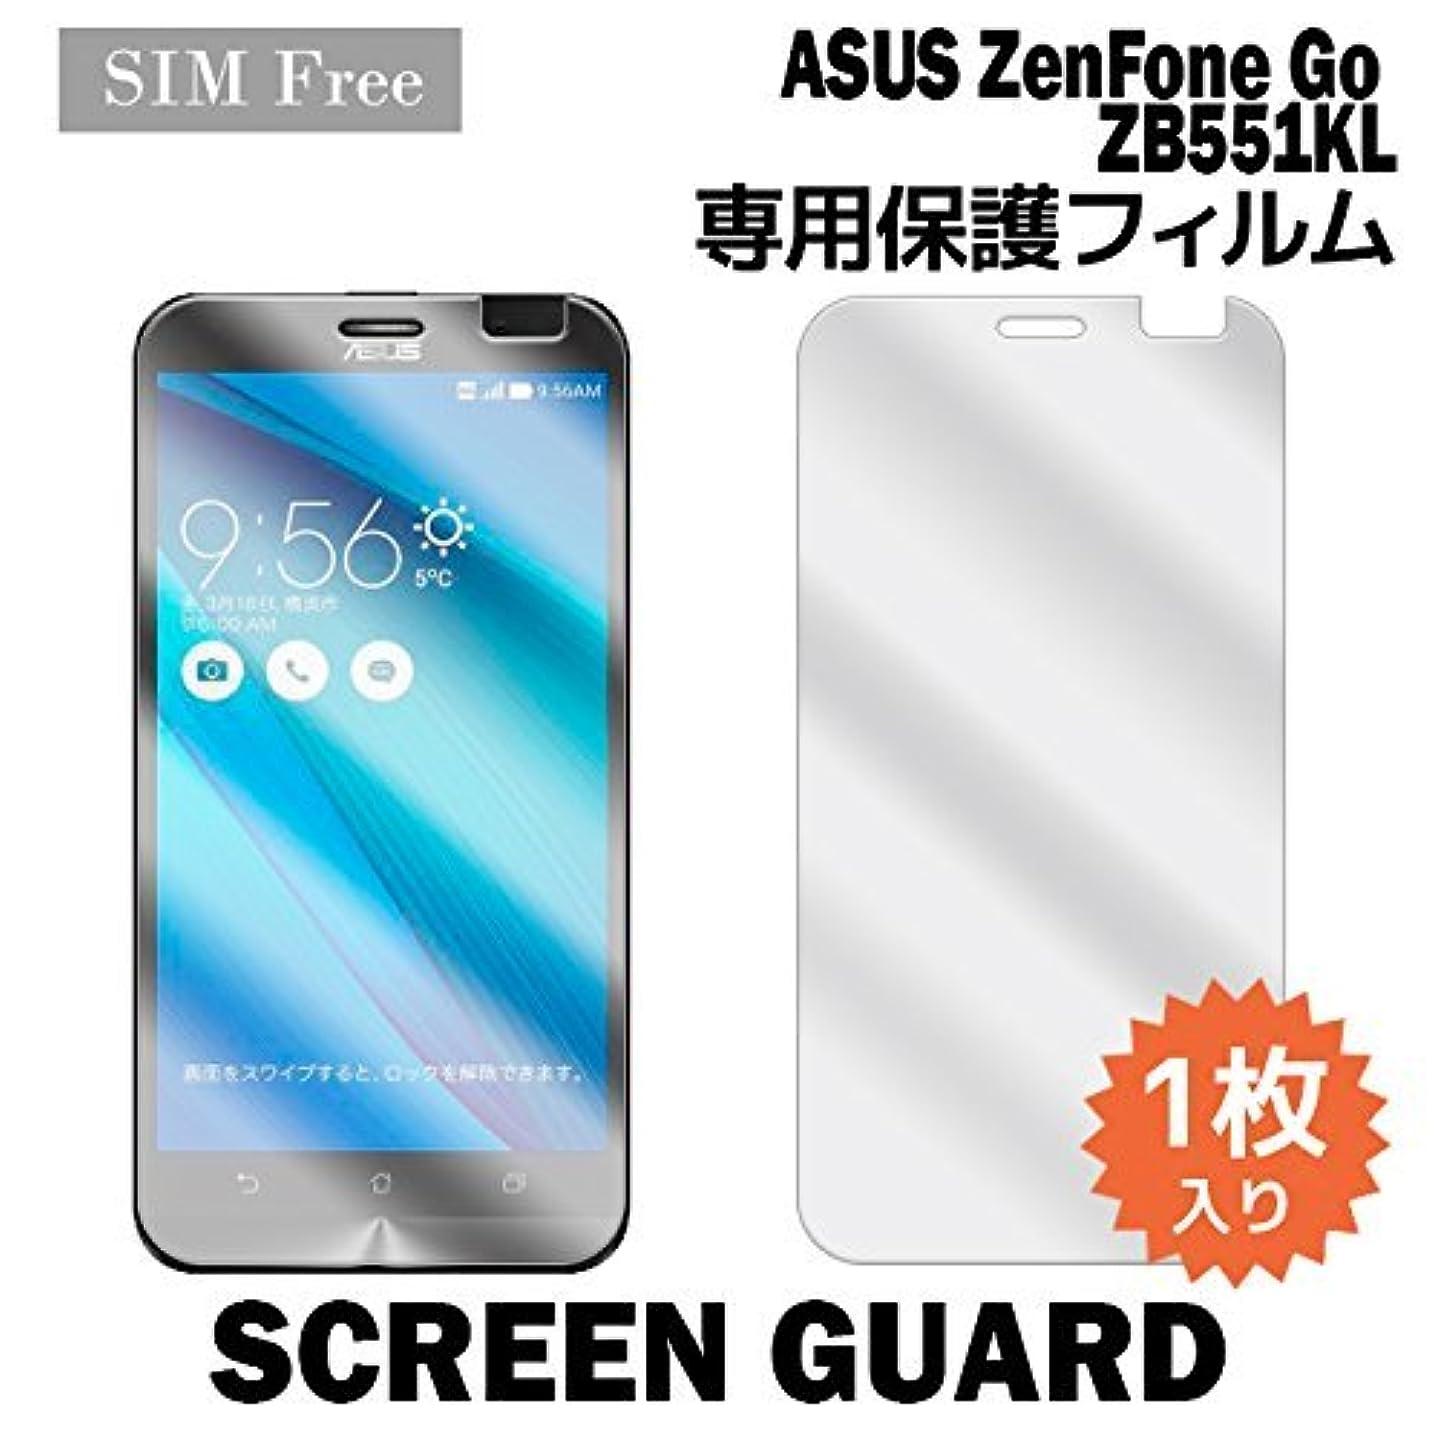 周りバーゲン導入するASUS Zenfone GO ZB551KL SIMフリー 液晶保護フィルム 1枚入り (液晶保護シート スマホ スマートフォン ゼンフォン) film-zb551kl-1